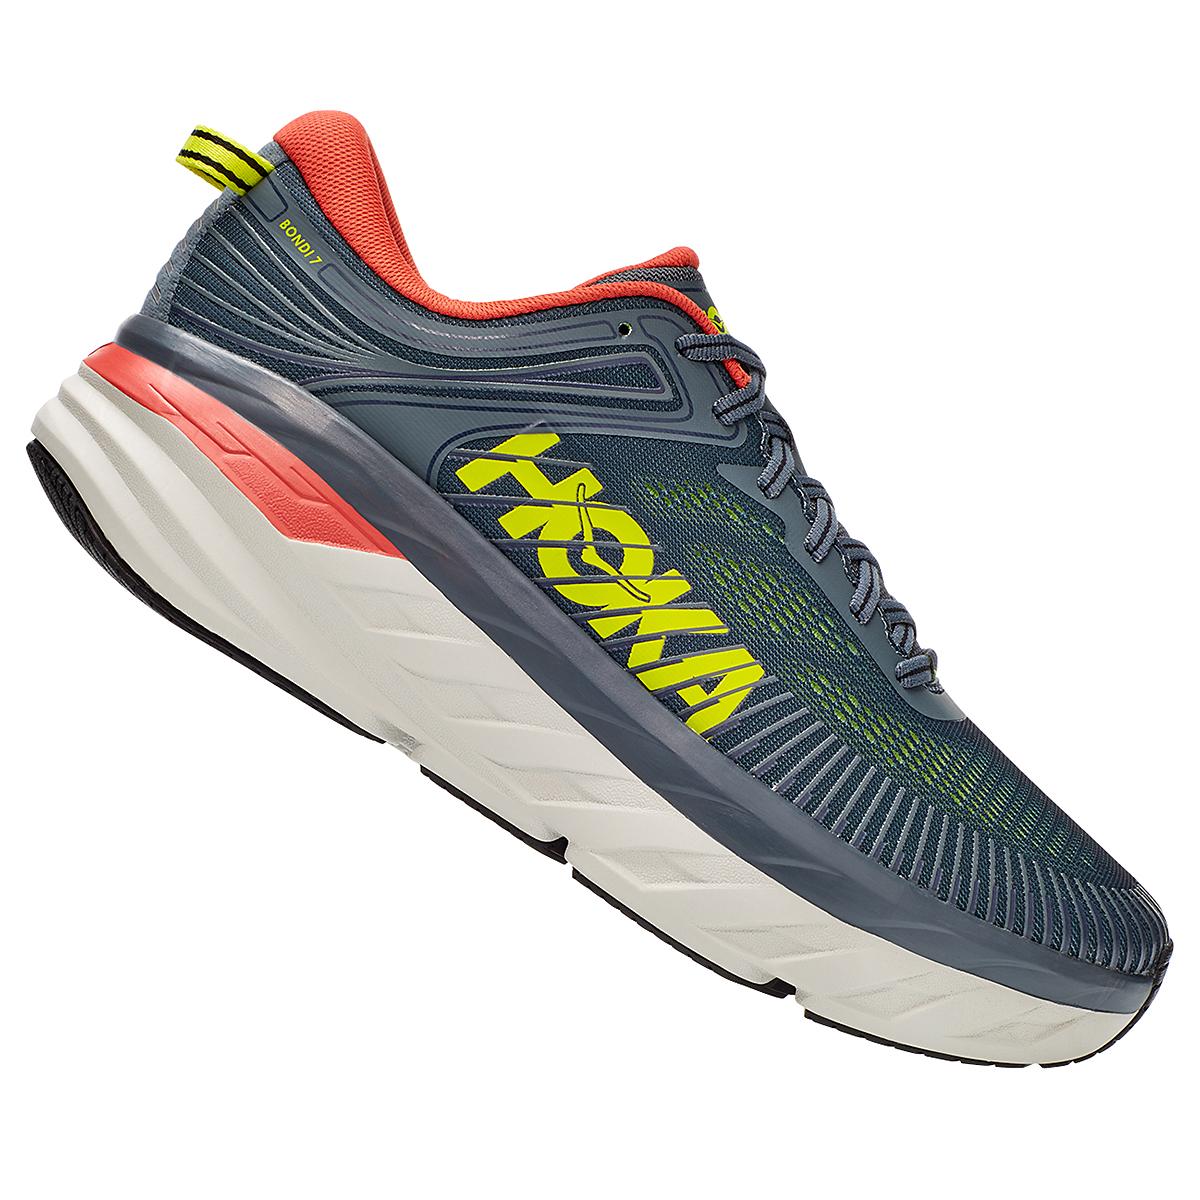 Men's Hoka One One Bondi 7 Running Shoe - Color: Turbulence/Chili - Size: 8 - Width: Regular, Turbulence/Chili, large, image 4